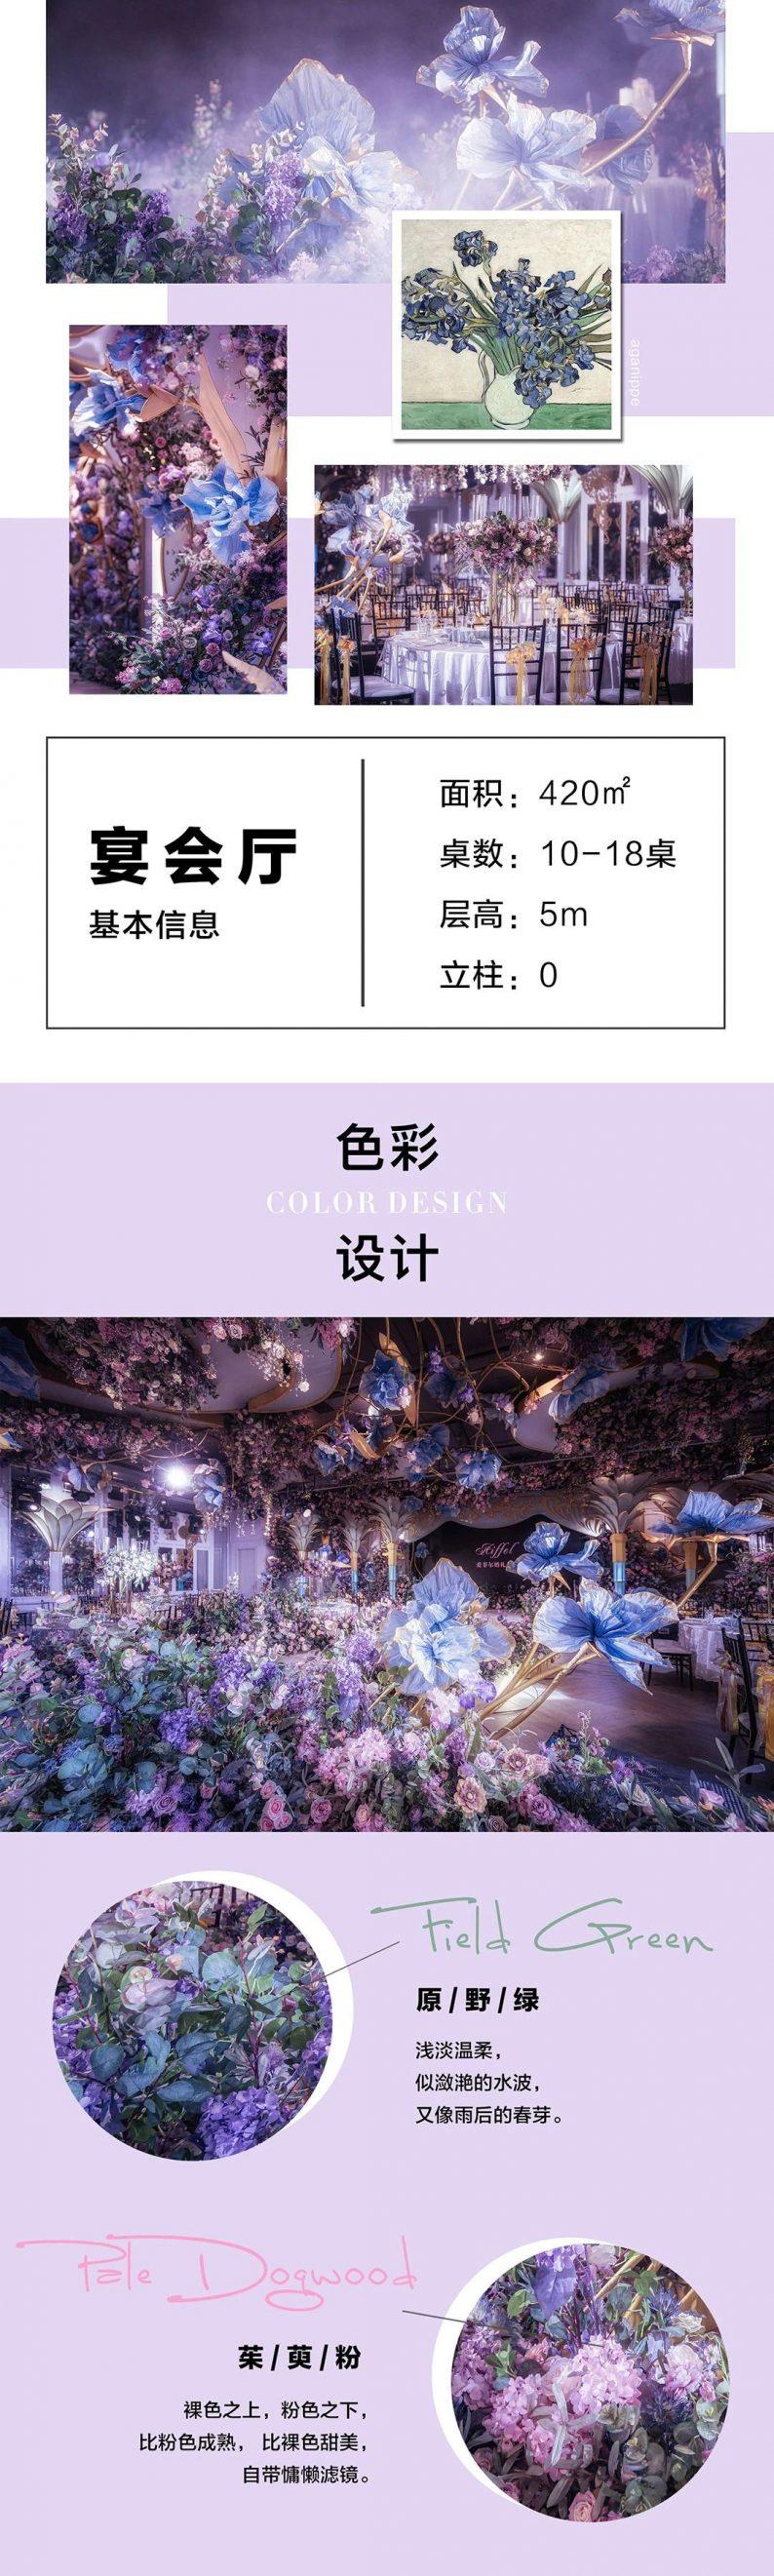 婚礼堂发布:2020全新发布,爱菲尔3大主题宴会厅  第4张